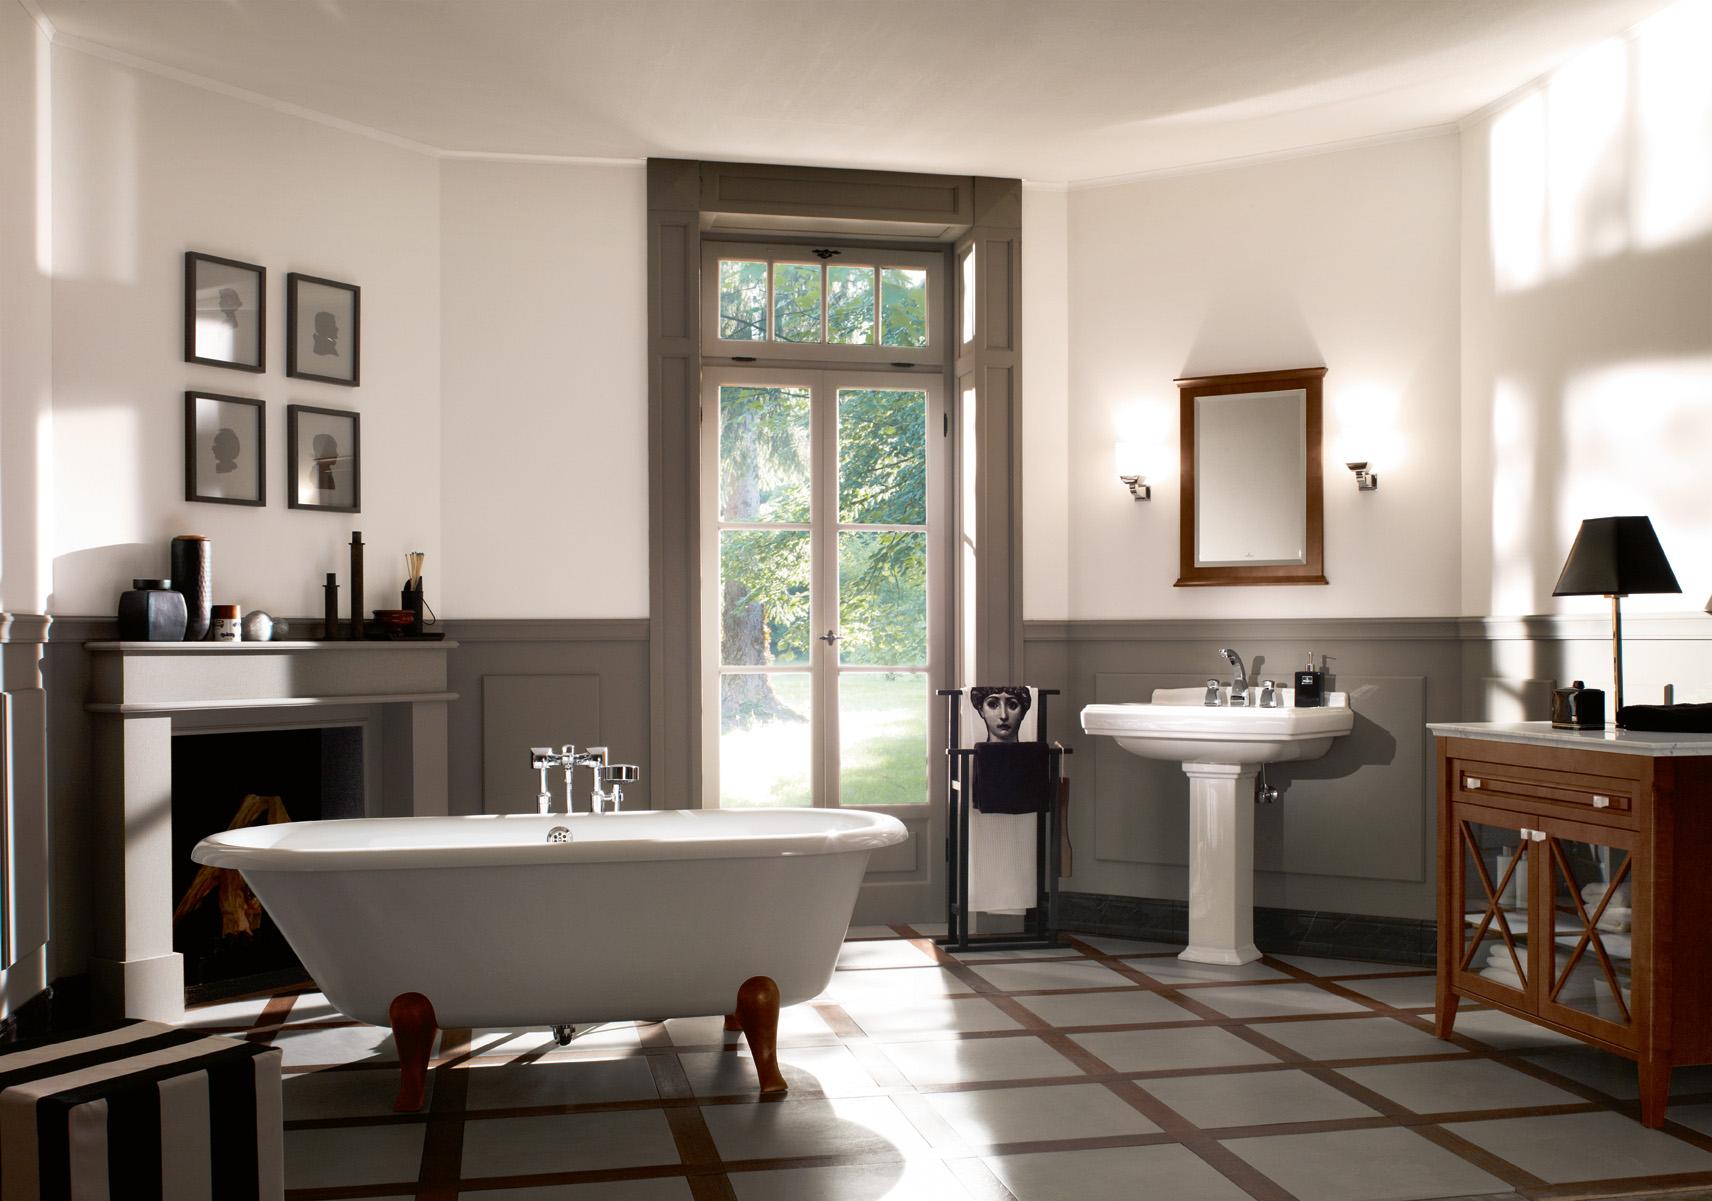 #31271F23635056 Villeroy & Boch (UK) Bathroom Kitchen & Tiles Division Meest effectief Design Meubelen Nijmegen 1715 behang 171212011715 afbeeldingen